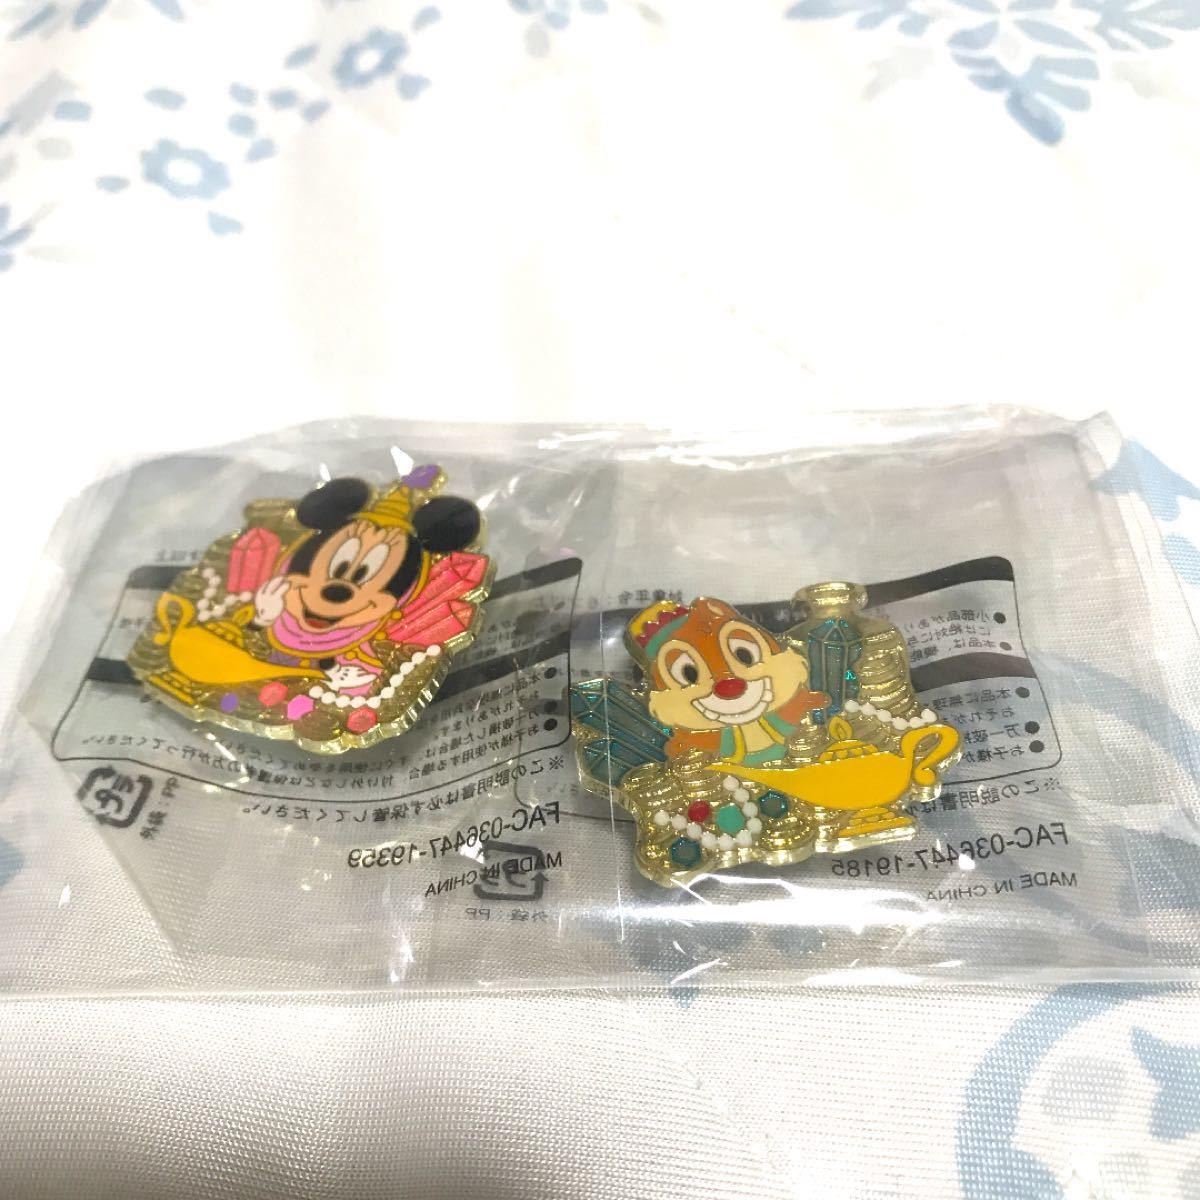 ピンバッチ★ピンバッジ★ディズニーオンラインショッピング限定★ミニー★デール